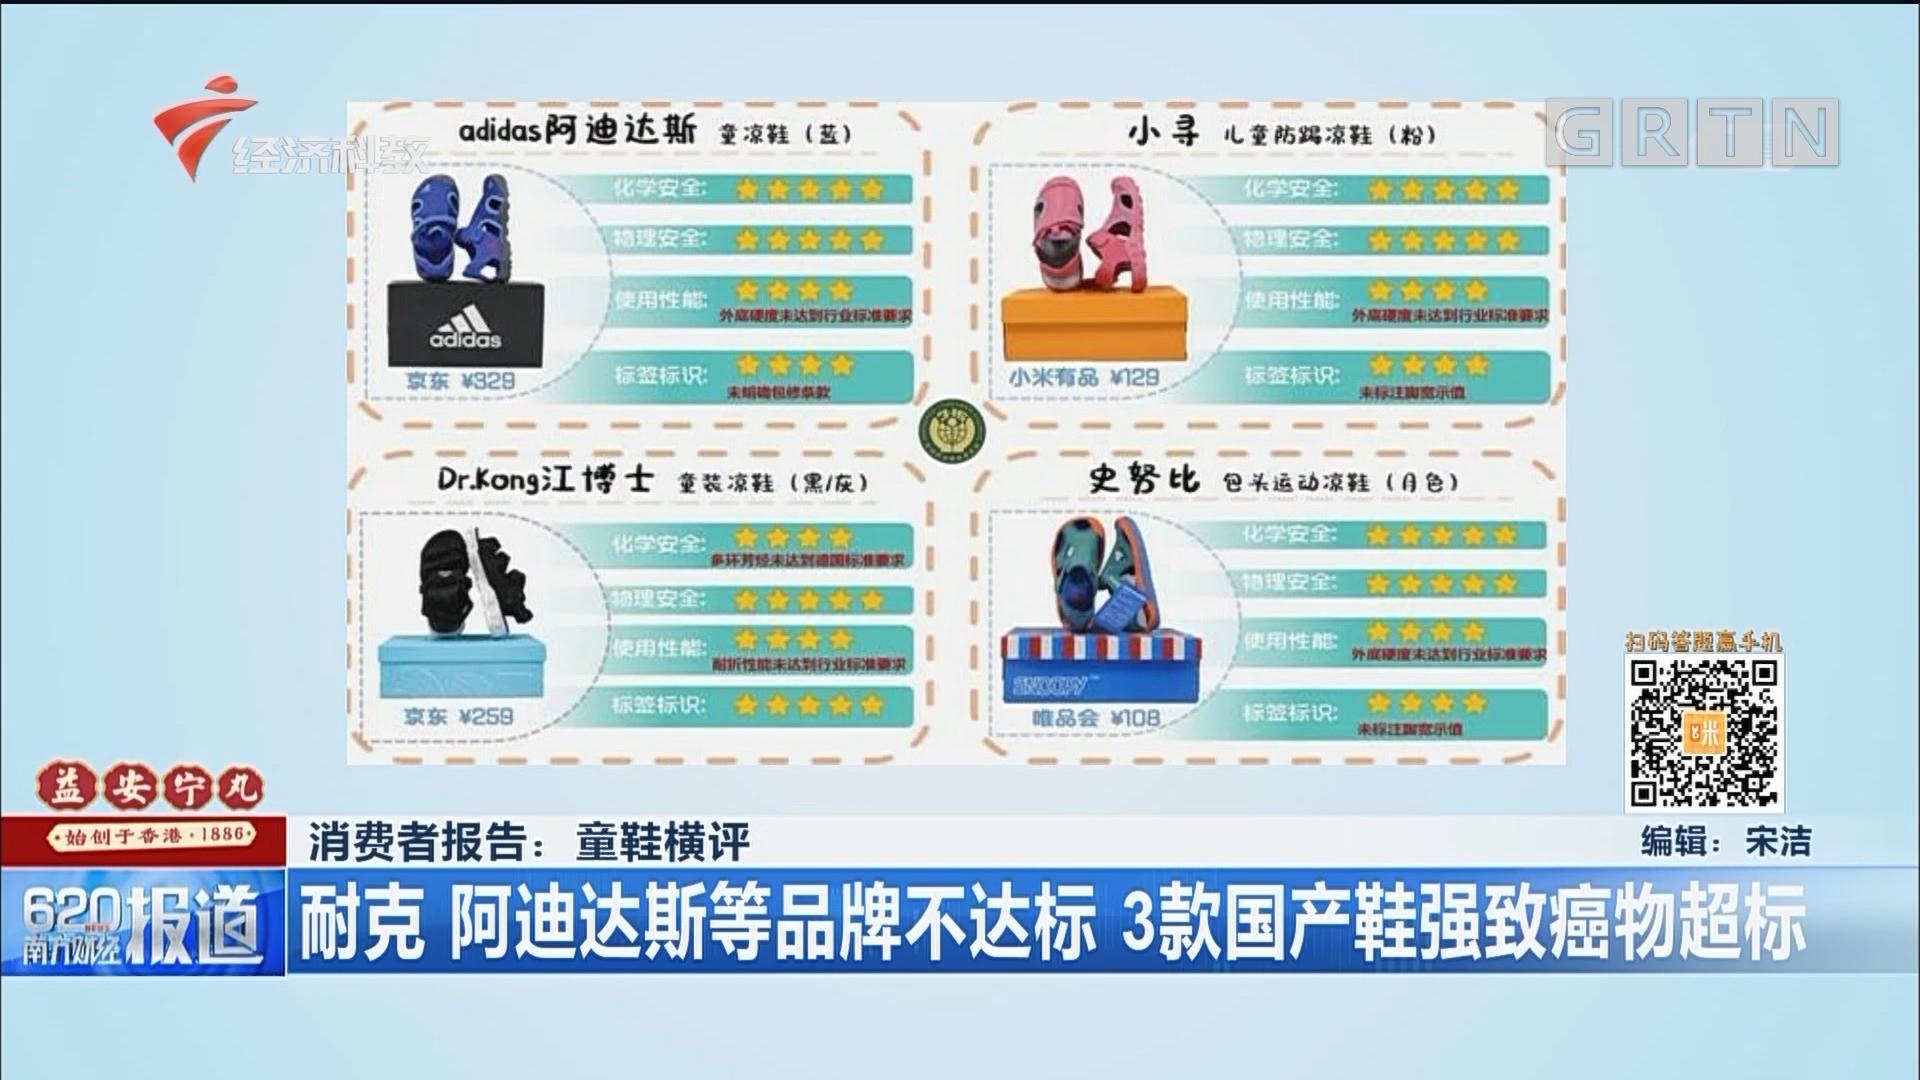 消费者报告:童鞋横评 耐克 阿迪达斯等品牌不达标 3款国产鞋强致癌物超标